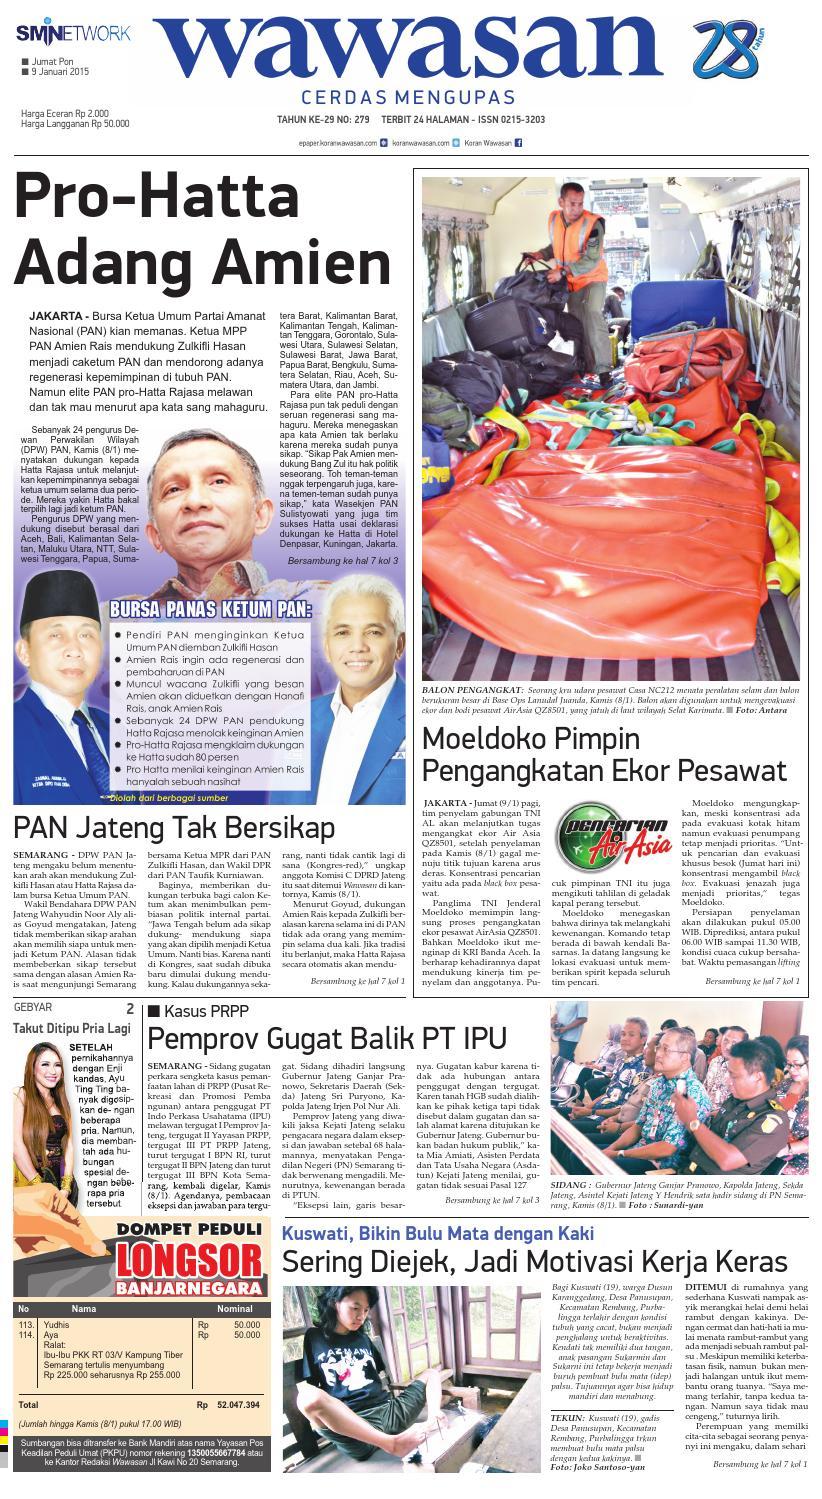 Wawasan 09 Januari 2015 Produk Ukm Bumn Batik Lengan Panjang Parang Toko Ngremboko